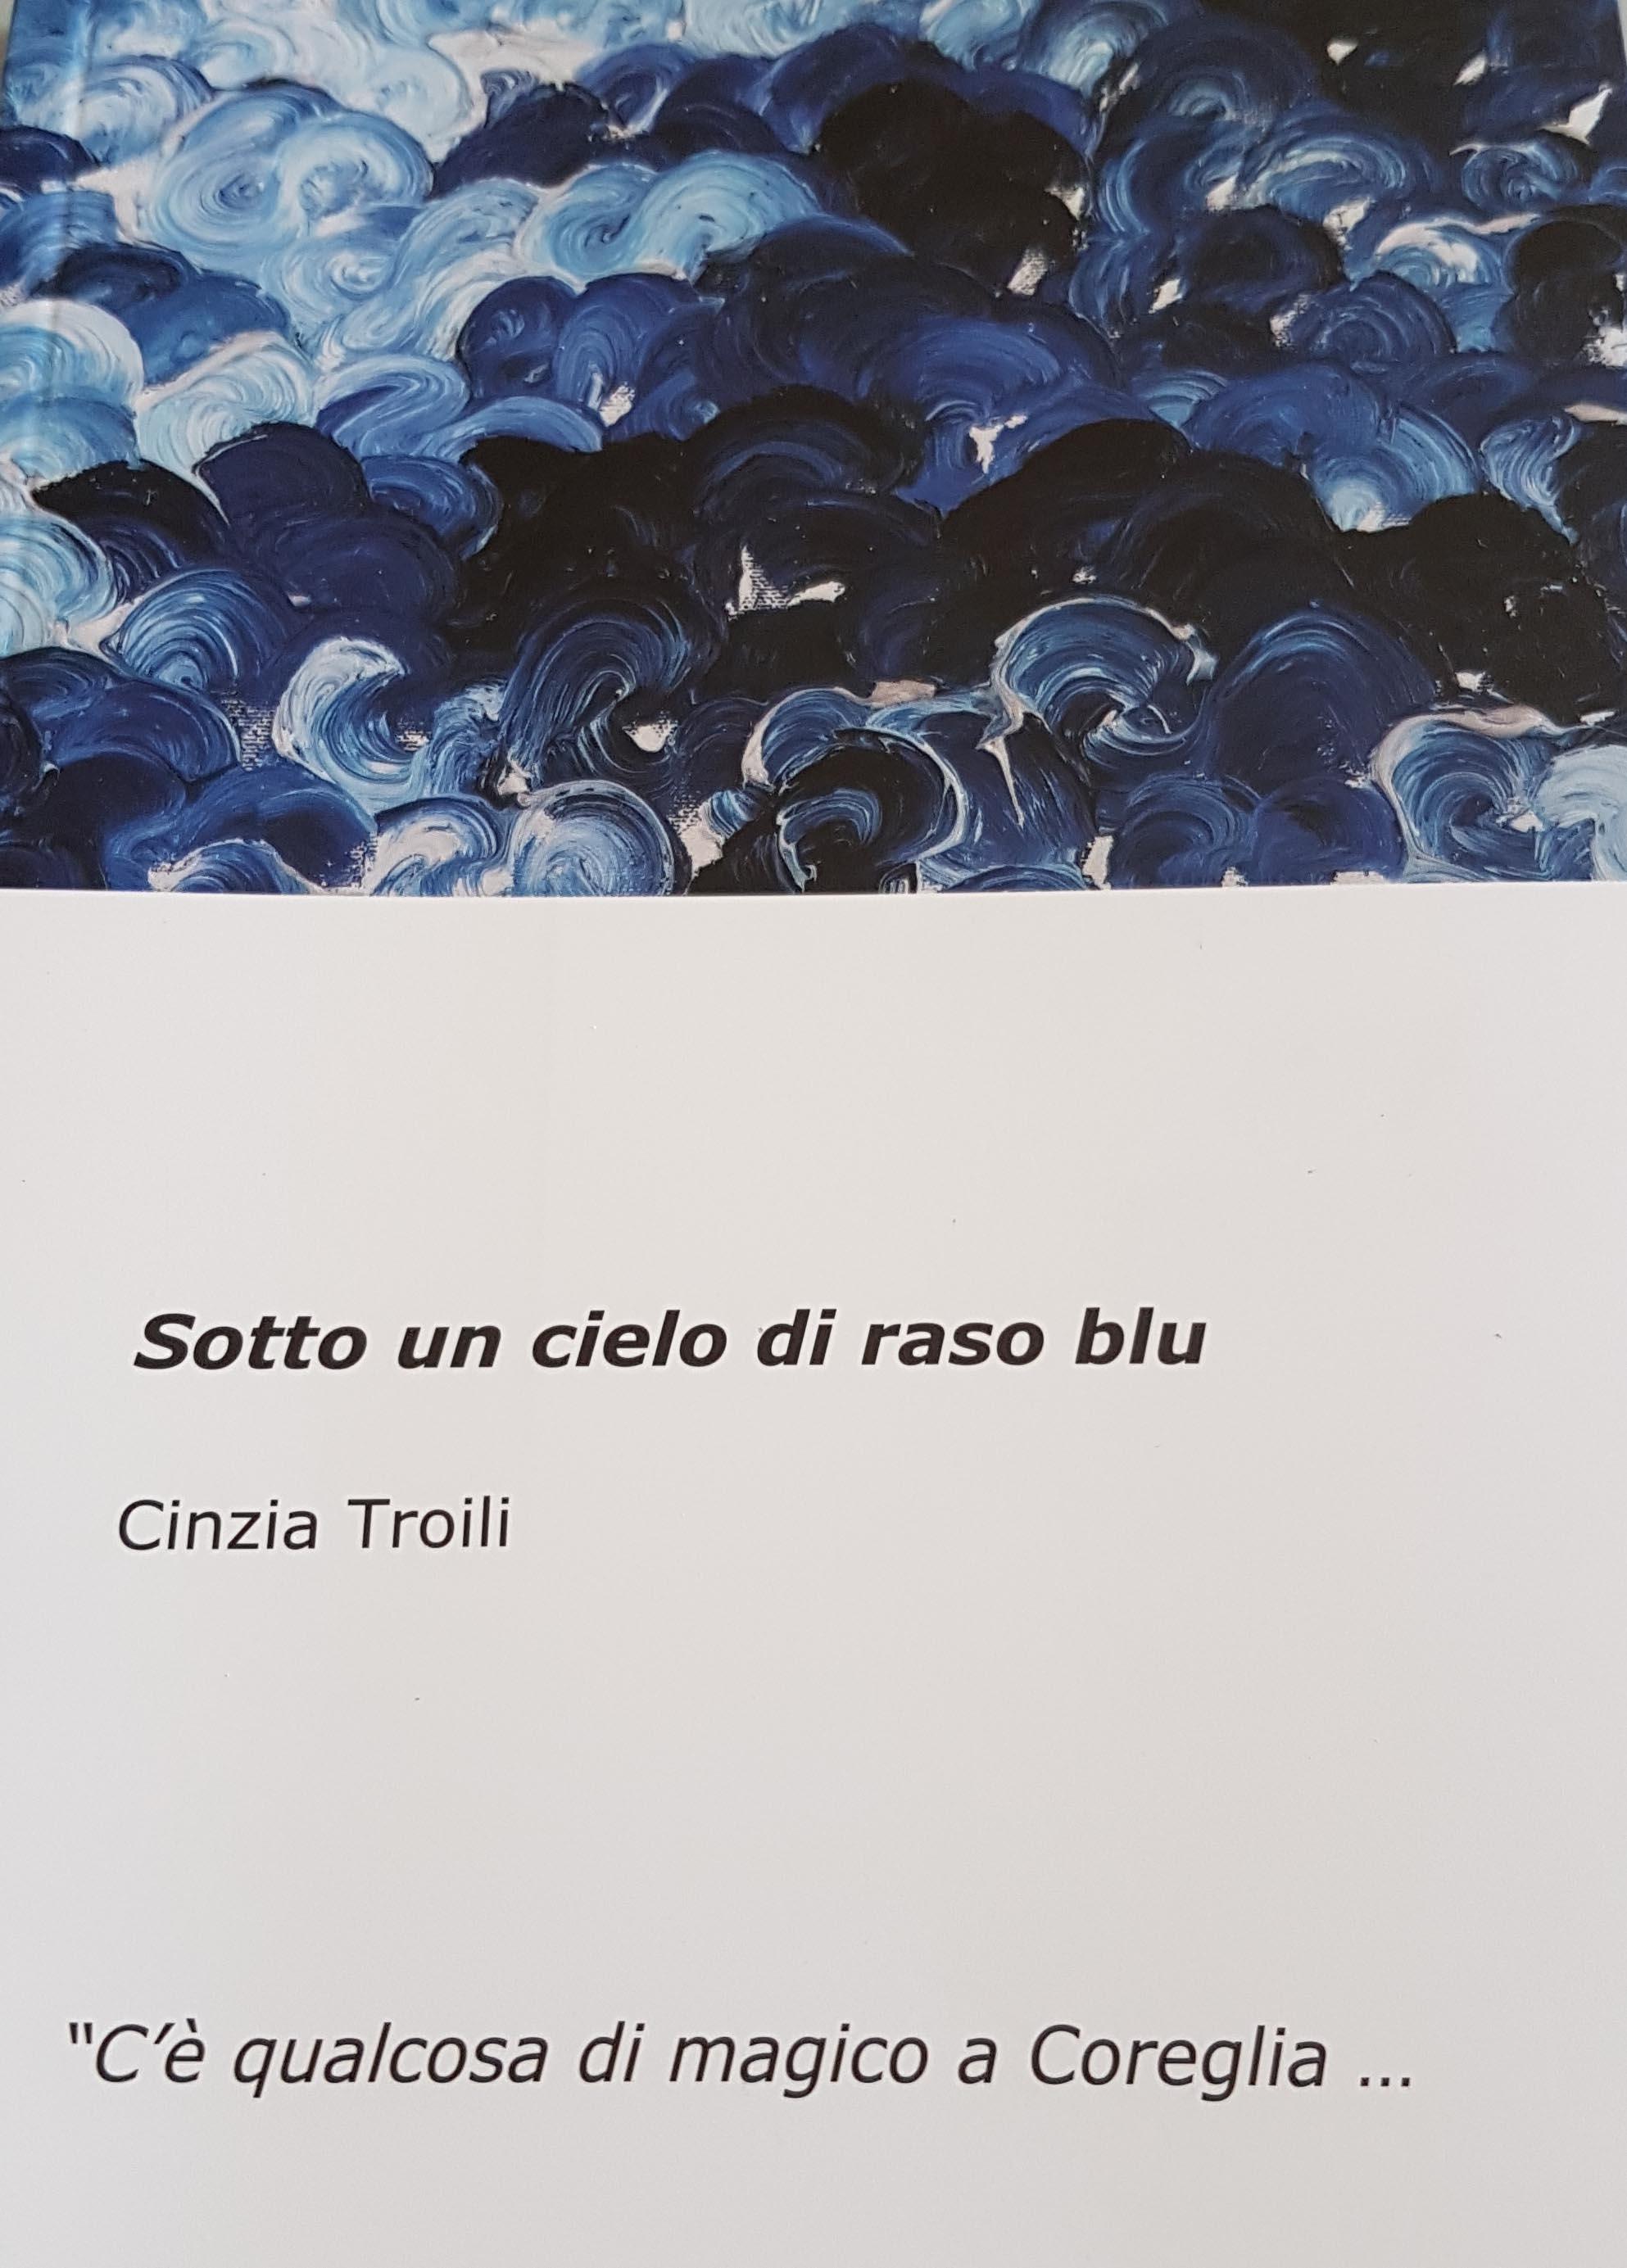 Cinzia Troili